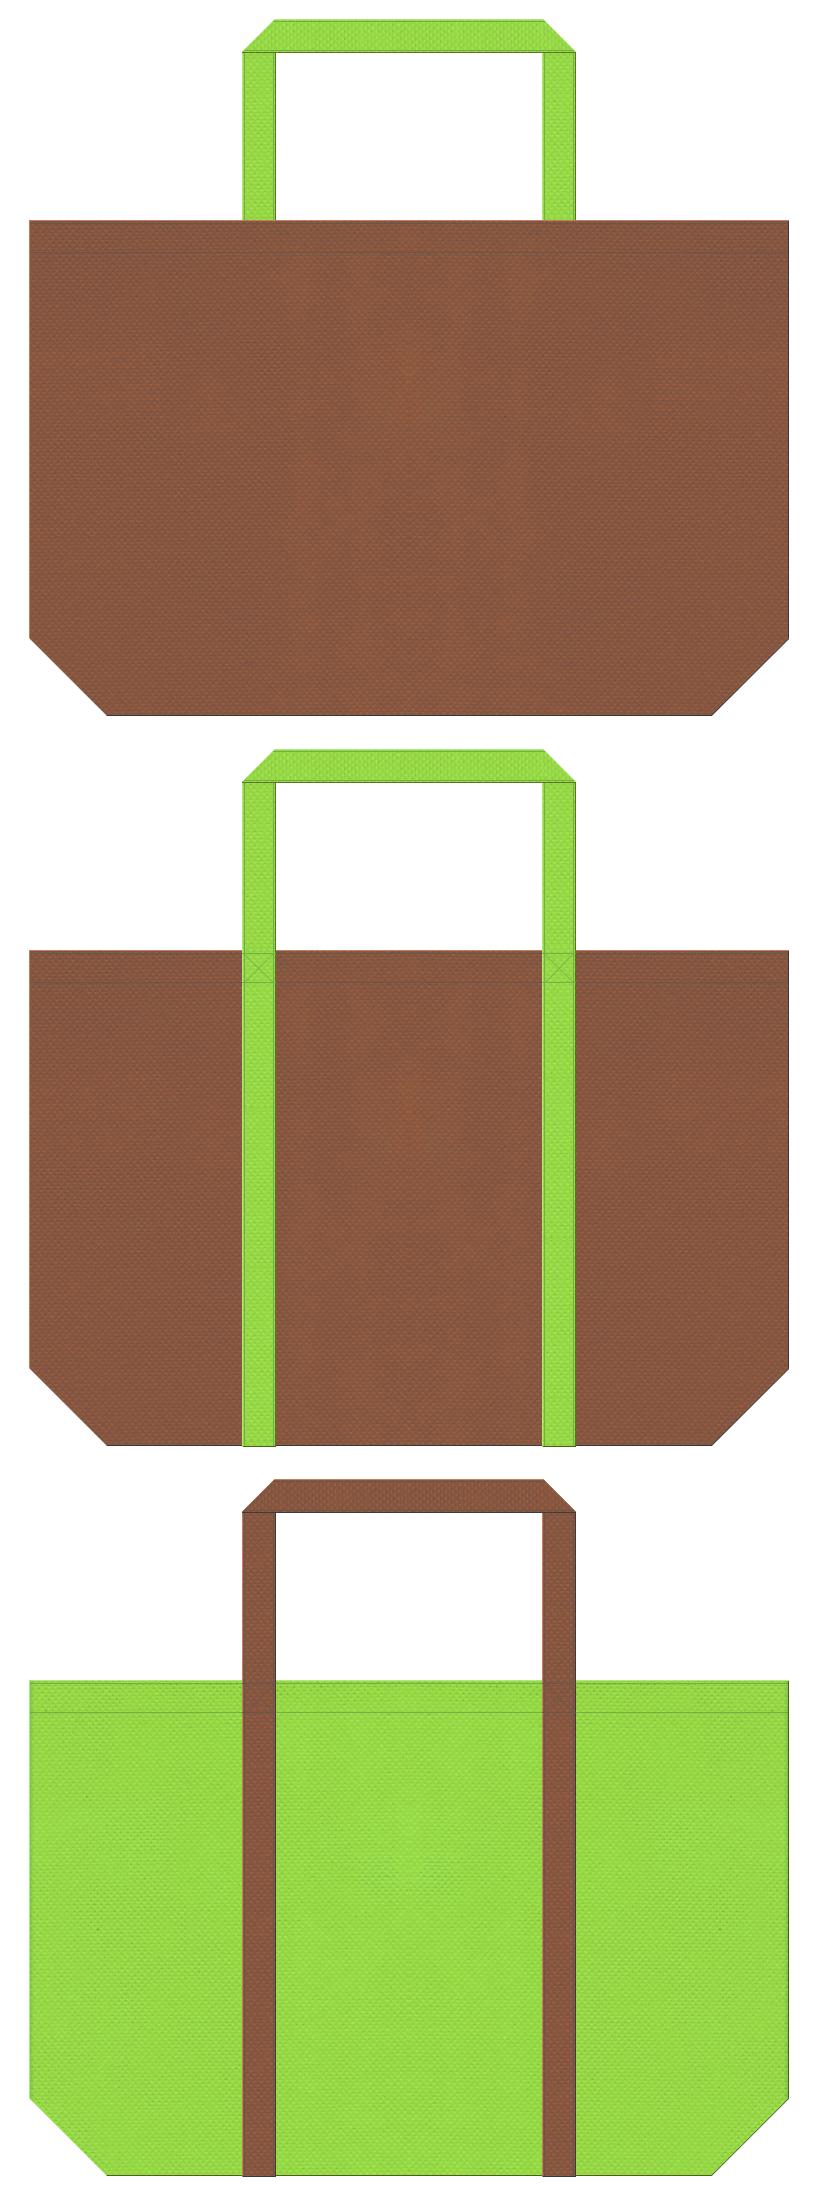 環境セミナー・緑化・エコイベント・産直市場・牧場イベント・酪農・野菜・種苗・畑・田んぼアート・肥料・農業セミナー・ガーデニング・園芸用品のショッピングバッグにお奨めの不織布バッグデザイン:茶色と黄緑色のコーデ